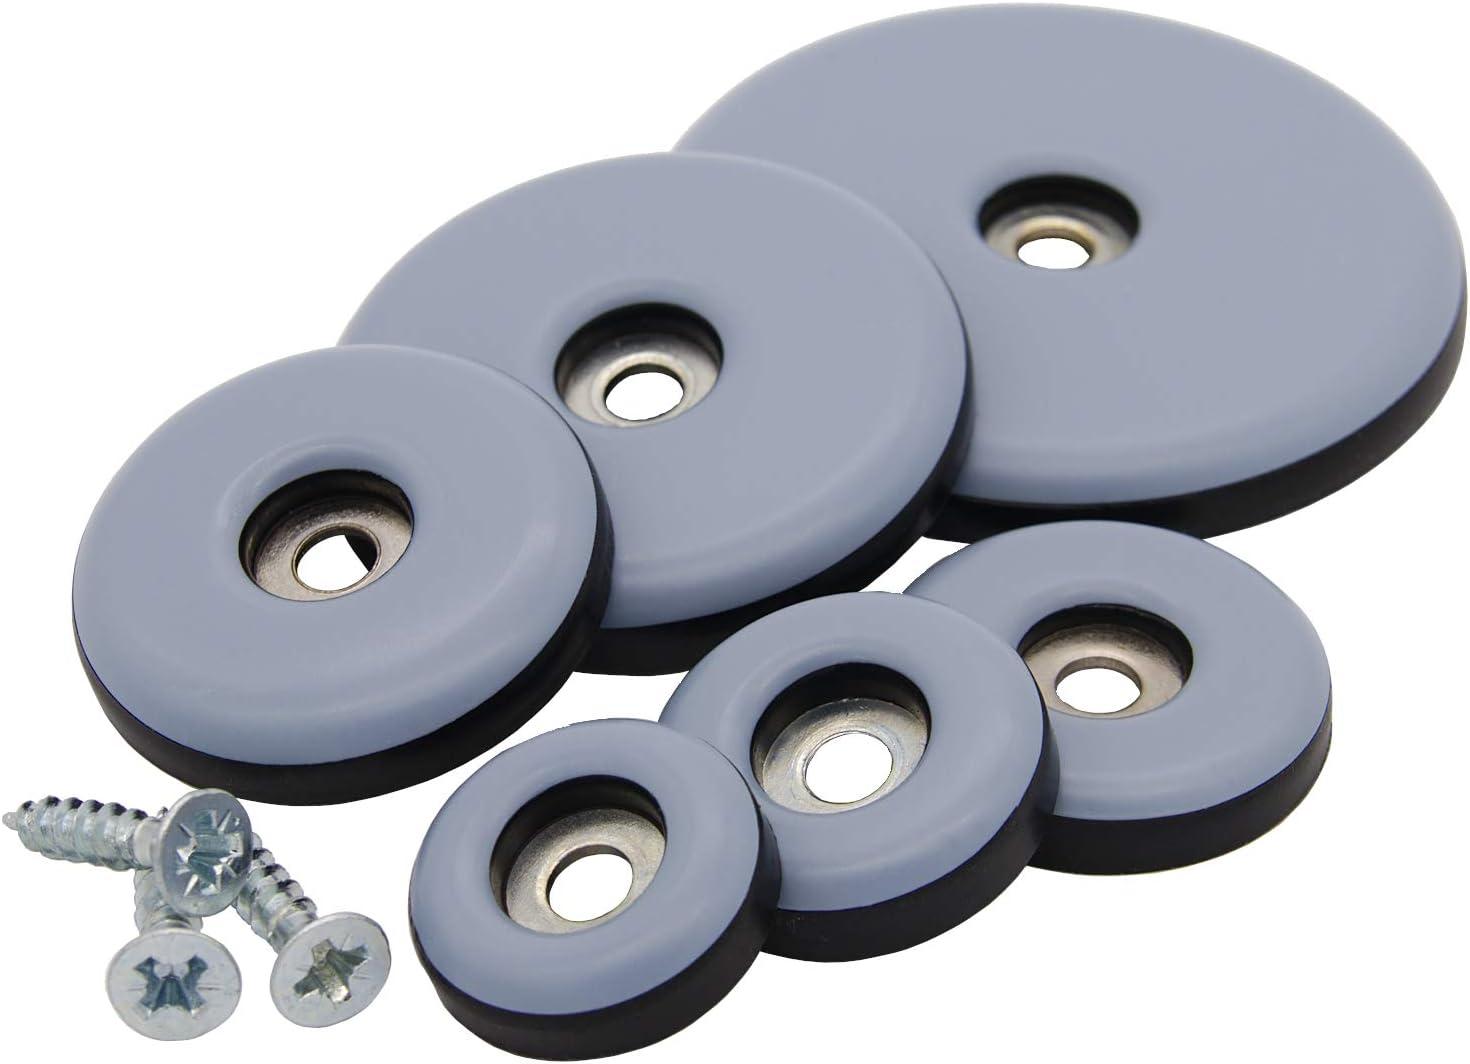 48 Stück Teflongleiter Ø 38 mm mit Schraube rund PTFE-Gleiter Möbelgleiter